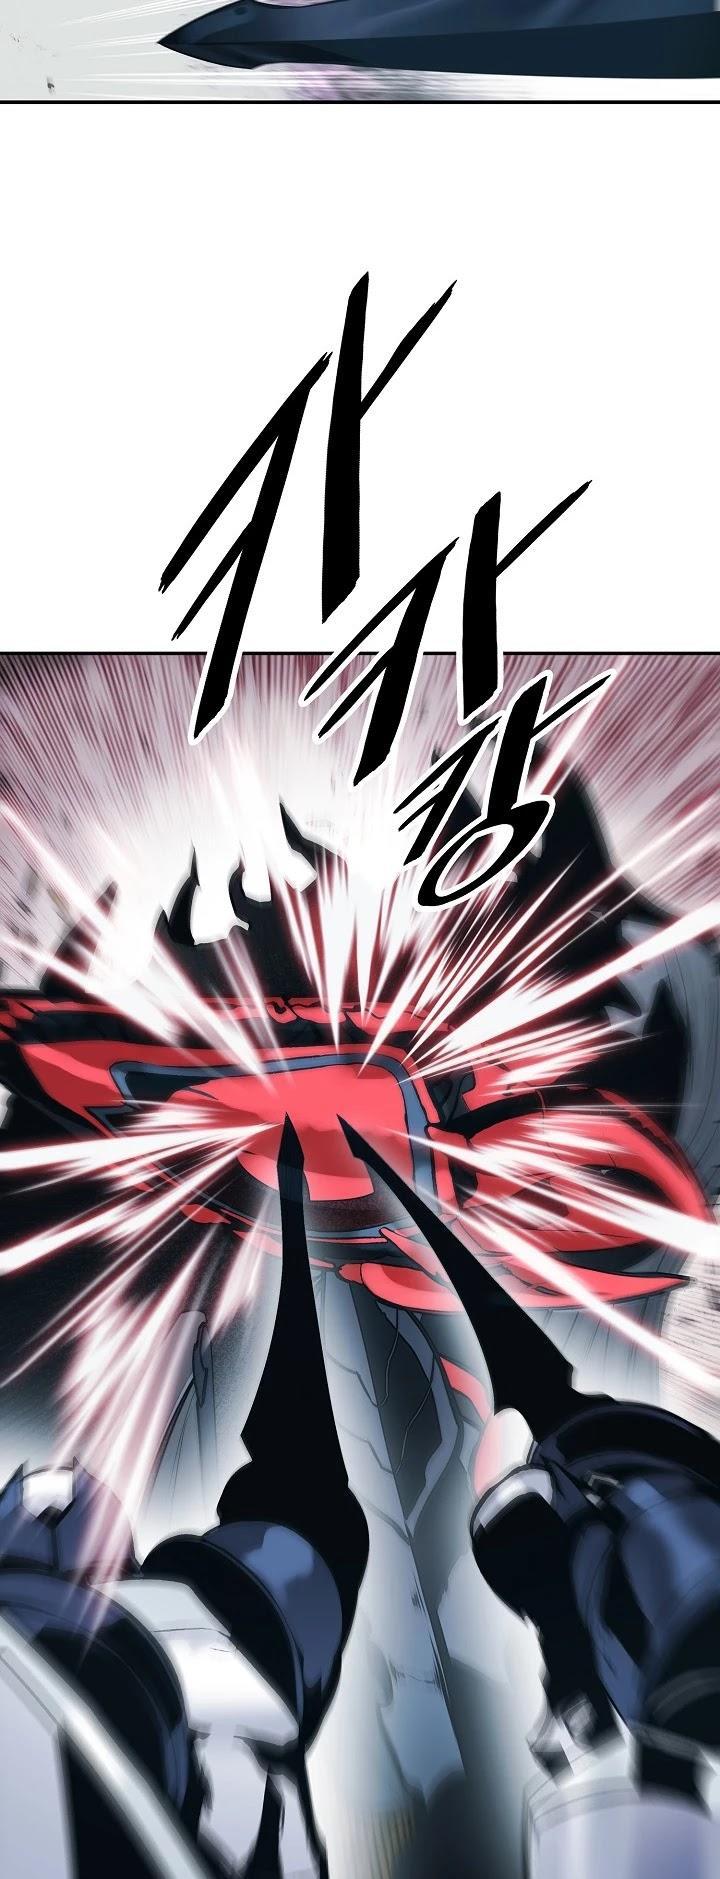 Mookhyang - Dark Lady Chapter 116 page 16 - Mangakakalots.com